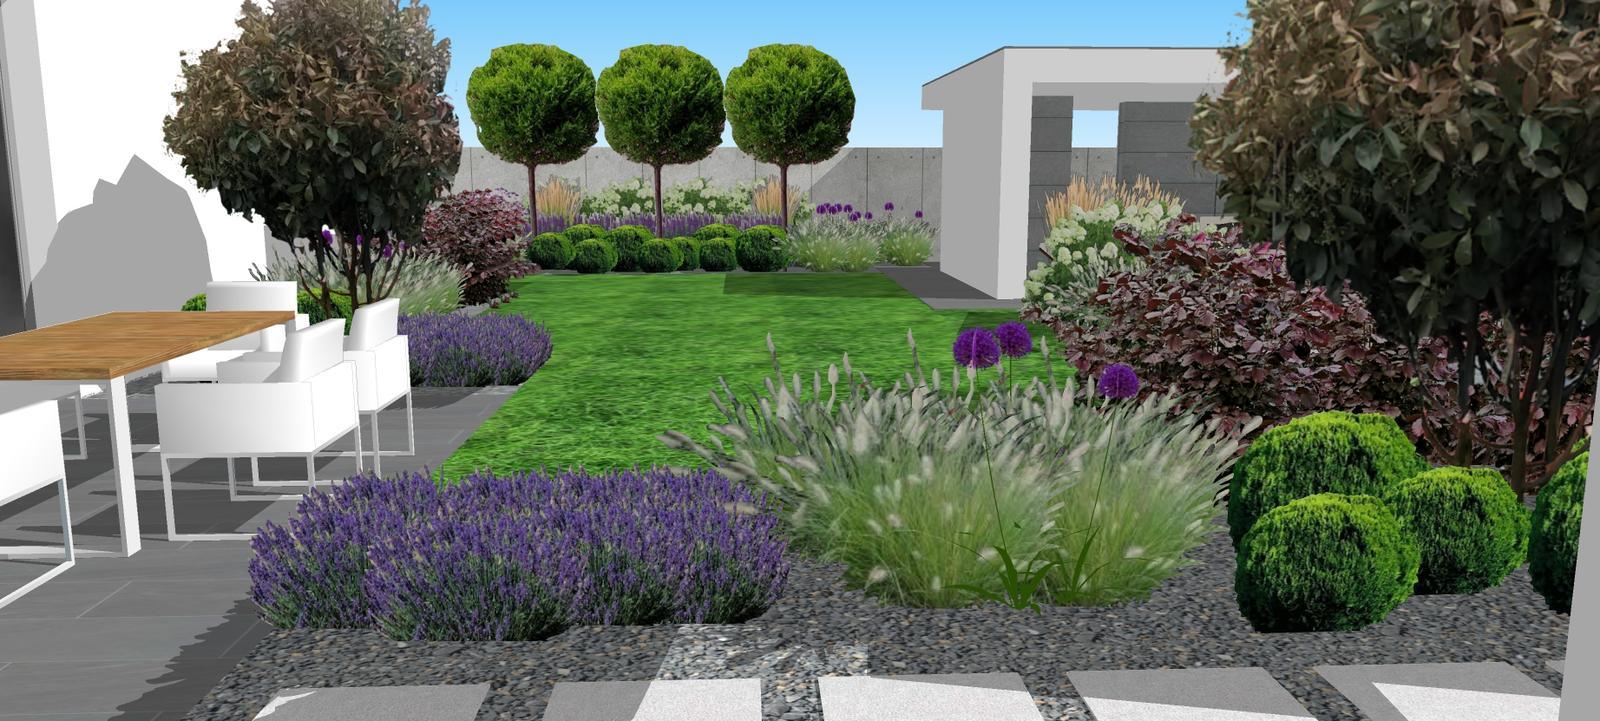 Zahrada 2017 - Obrázok č. 10